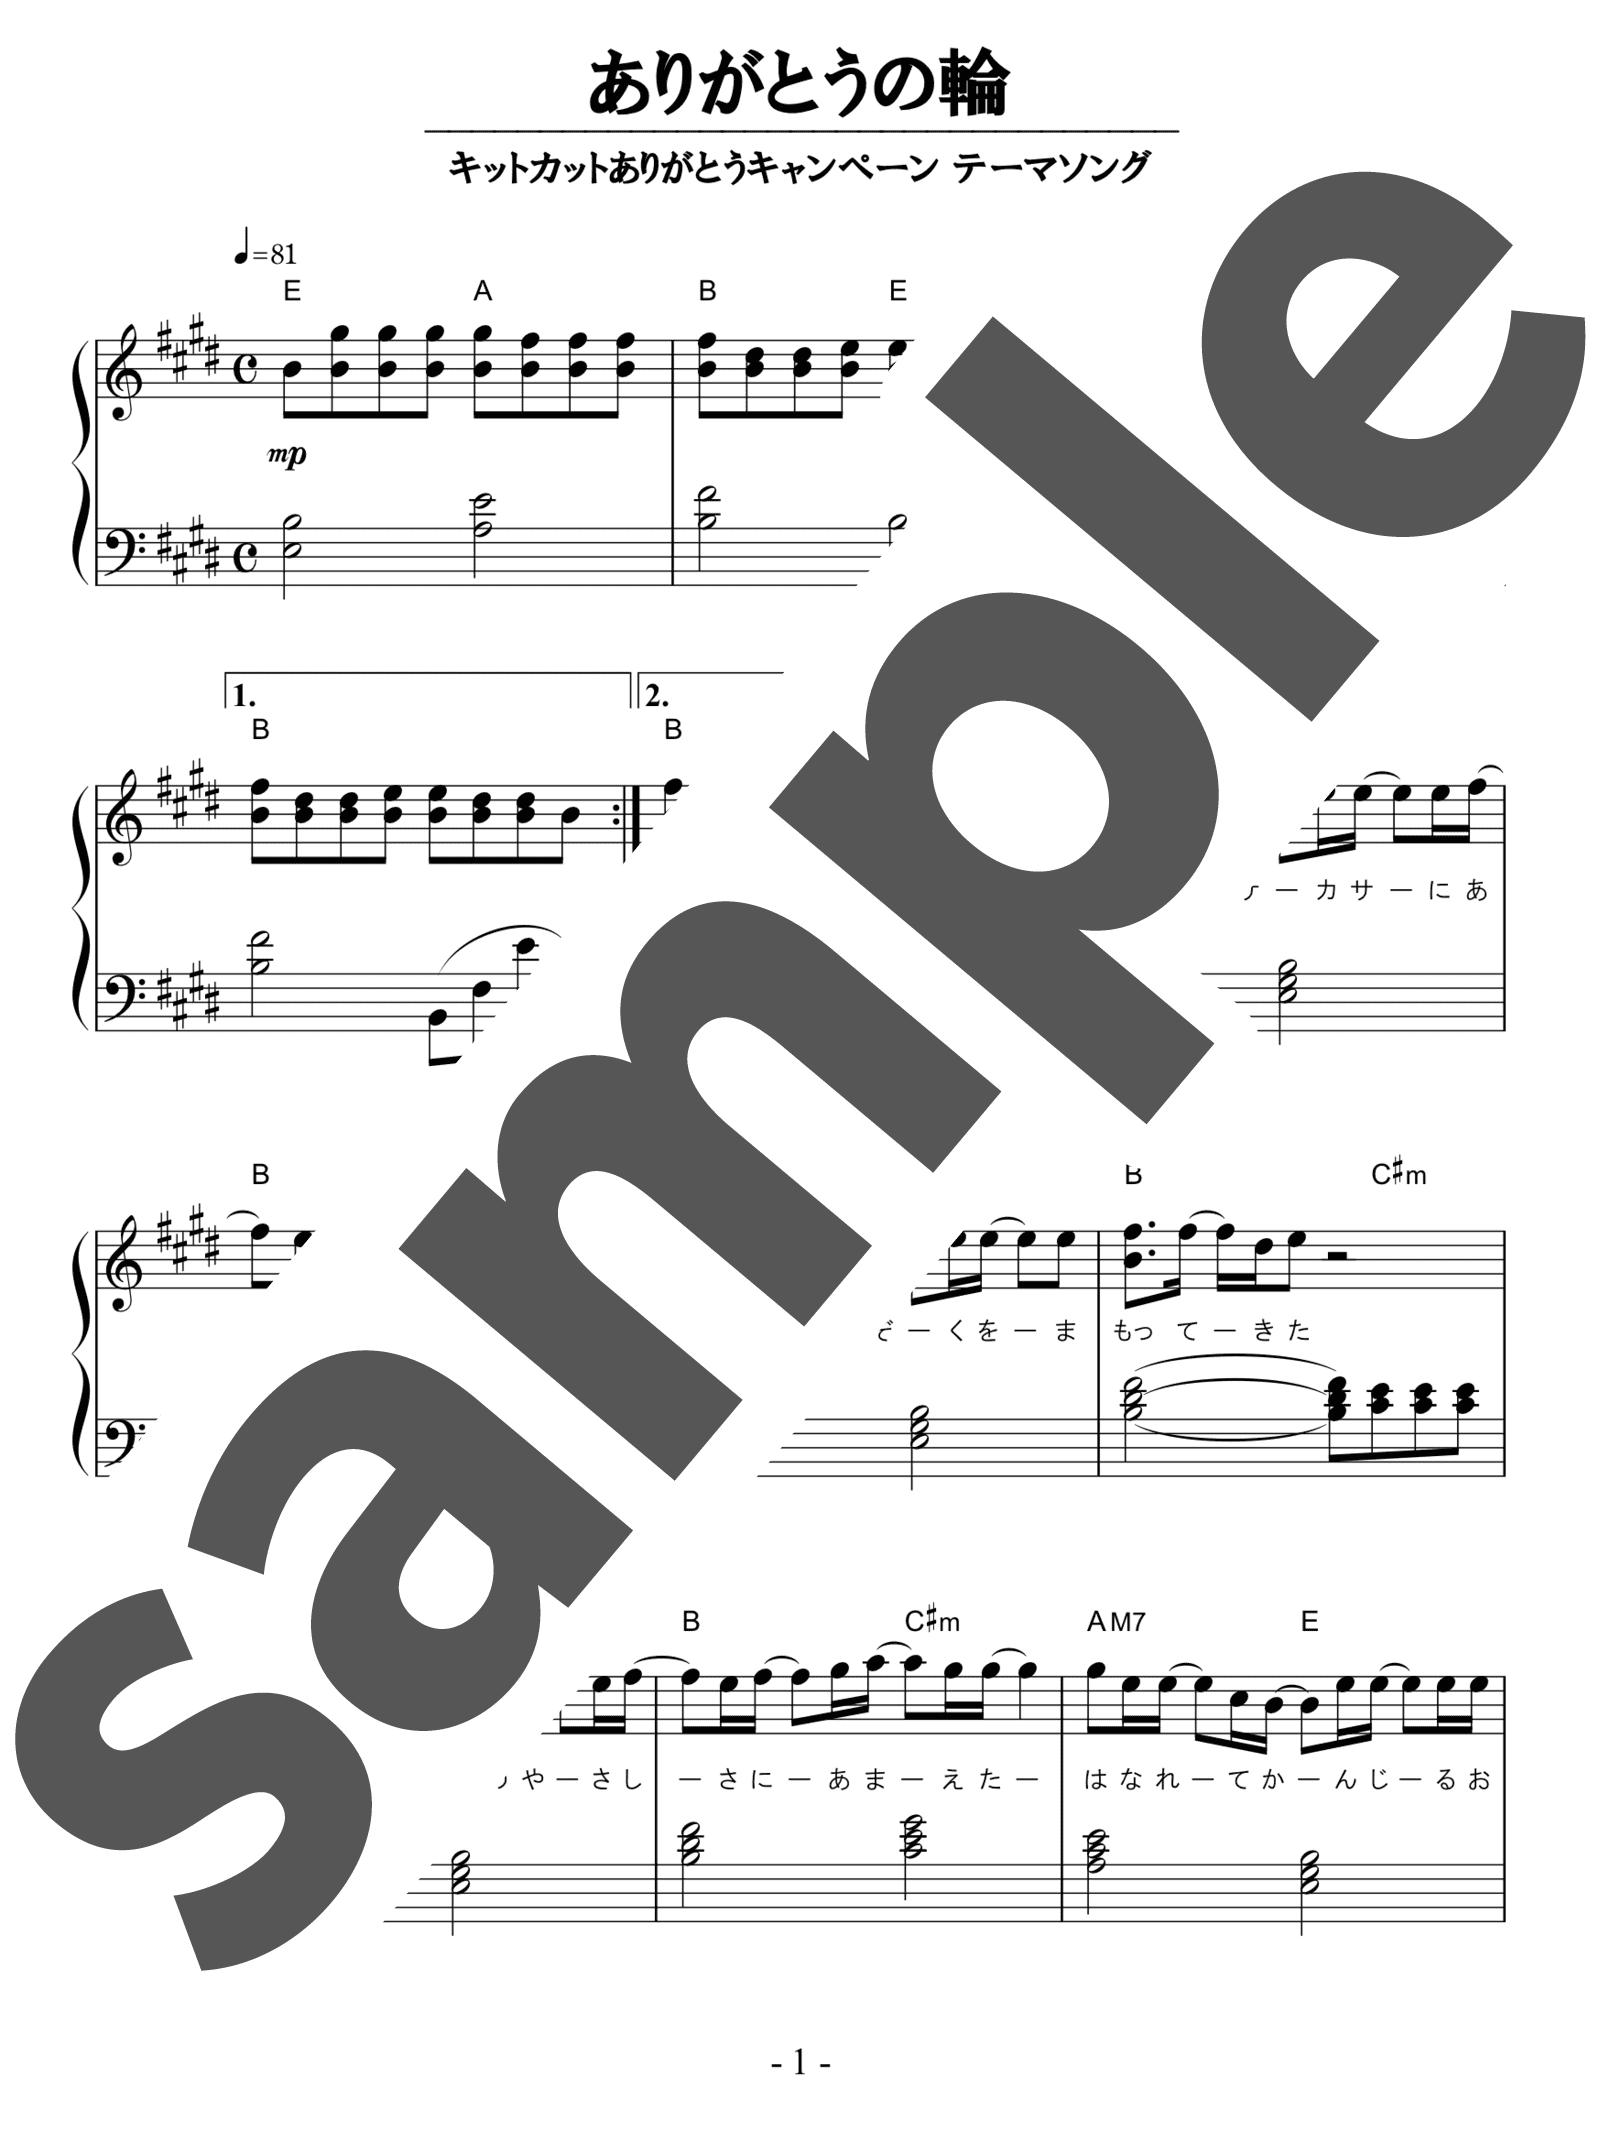 「ありがとうの輪」のサンプル楽譜